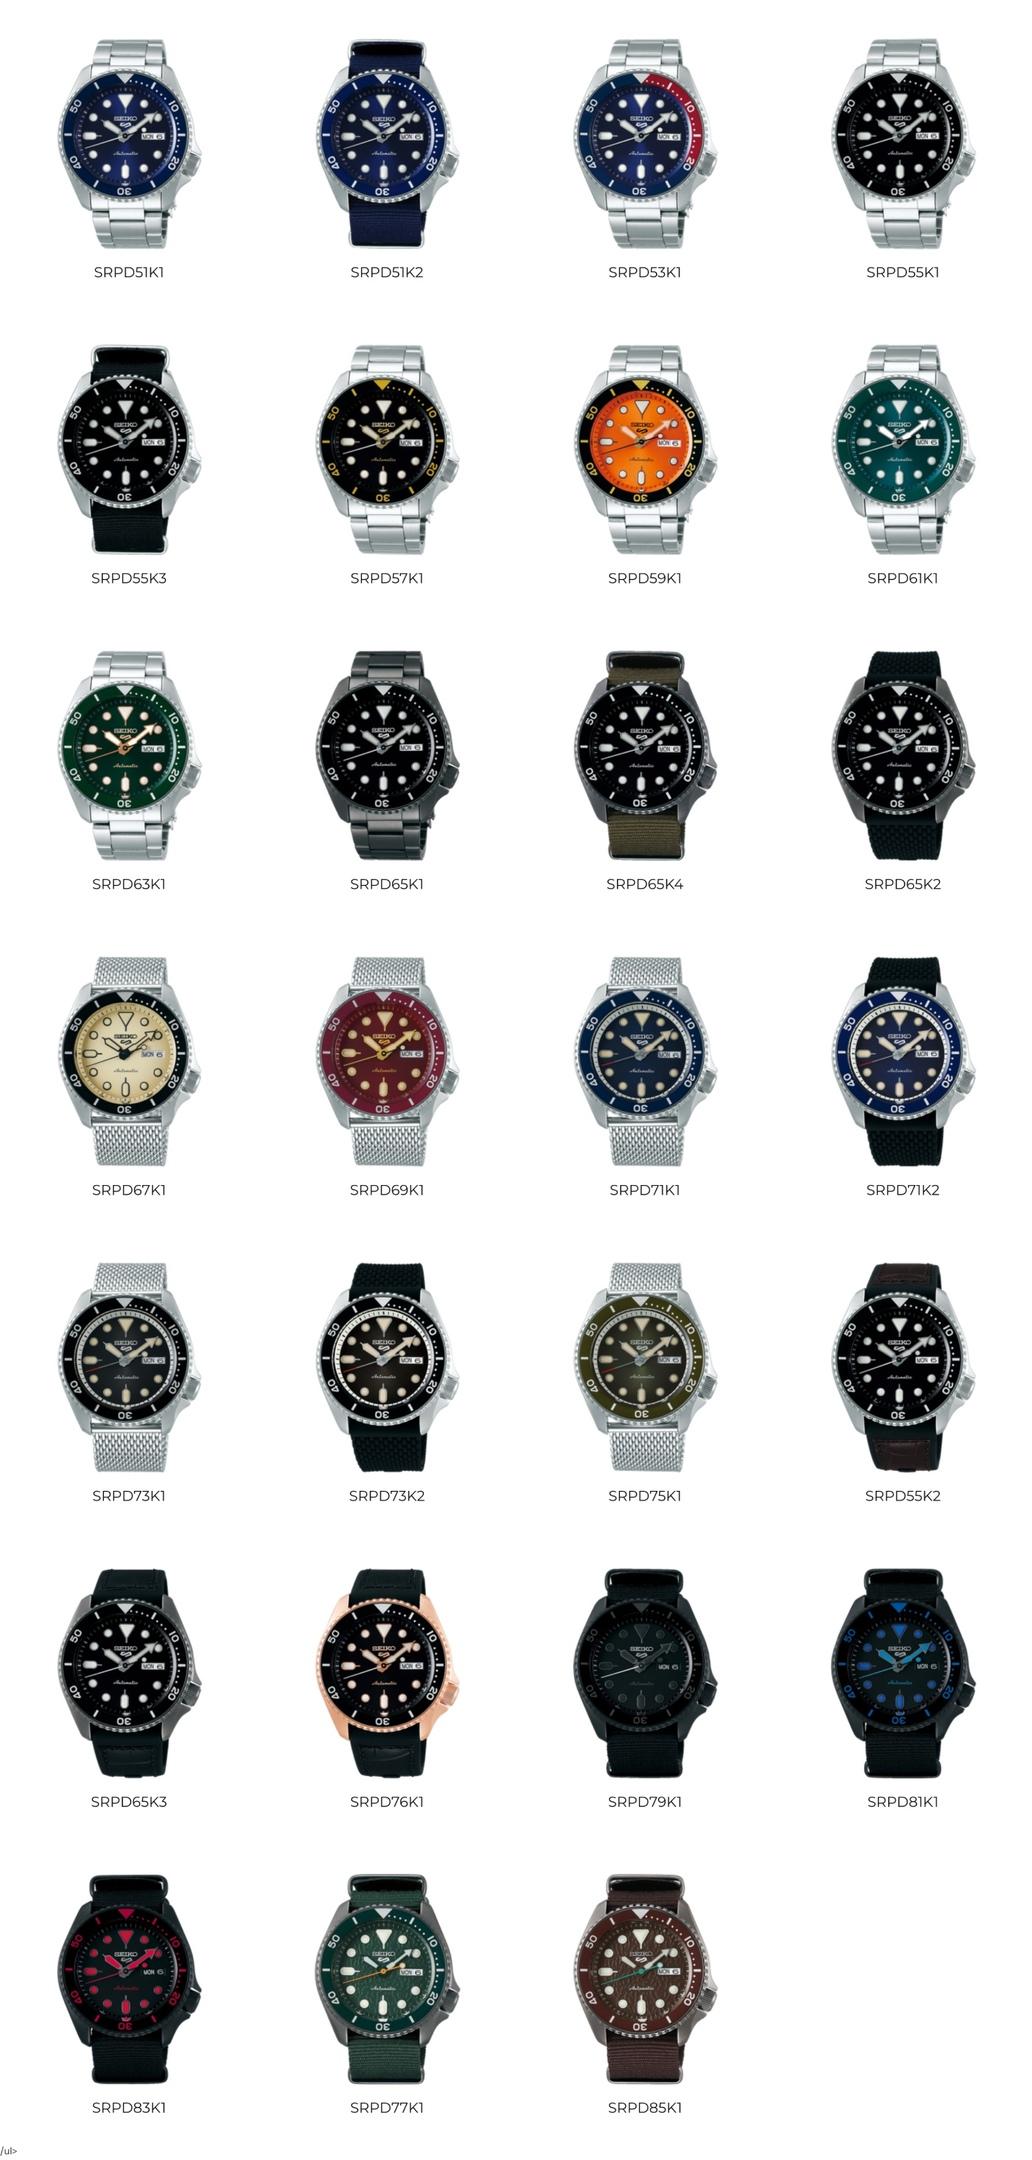 Actualités des montres non russes - Page 15 M21HymAtigc